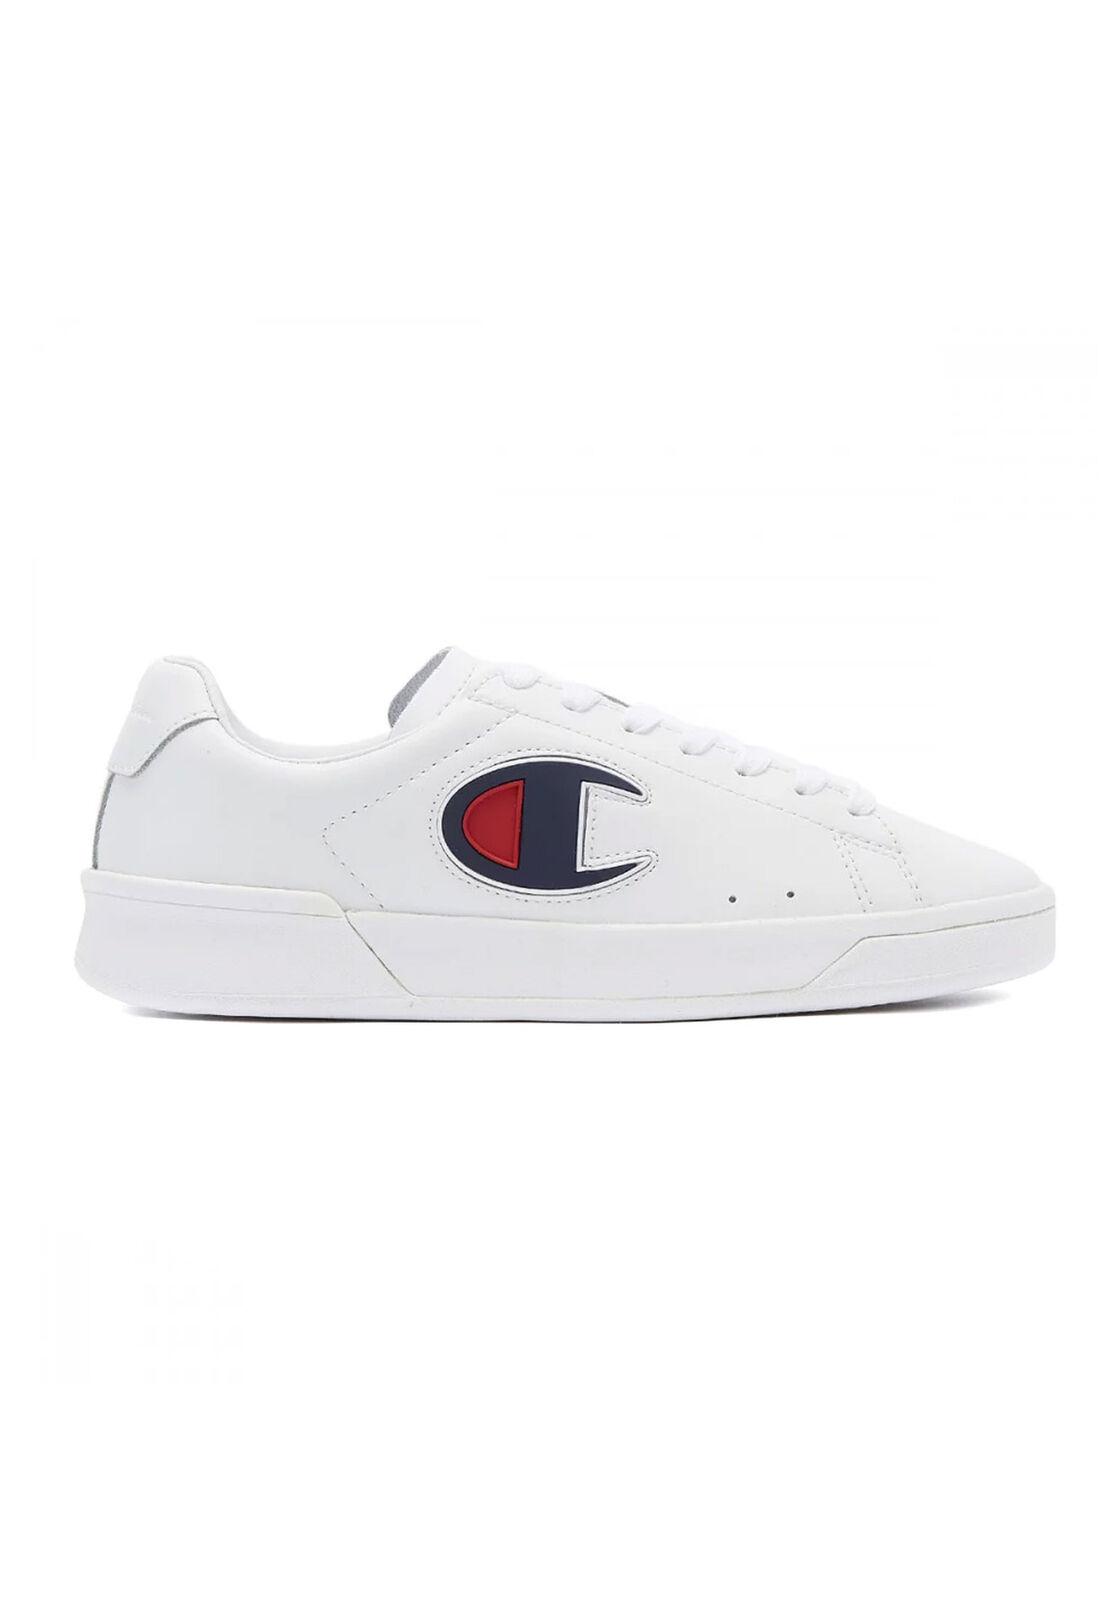 Champion Schuhe M979 LOW S20995 F19 WW001 Weiss